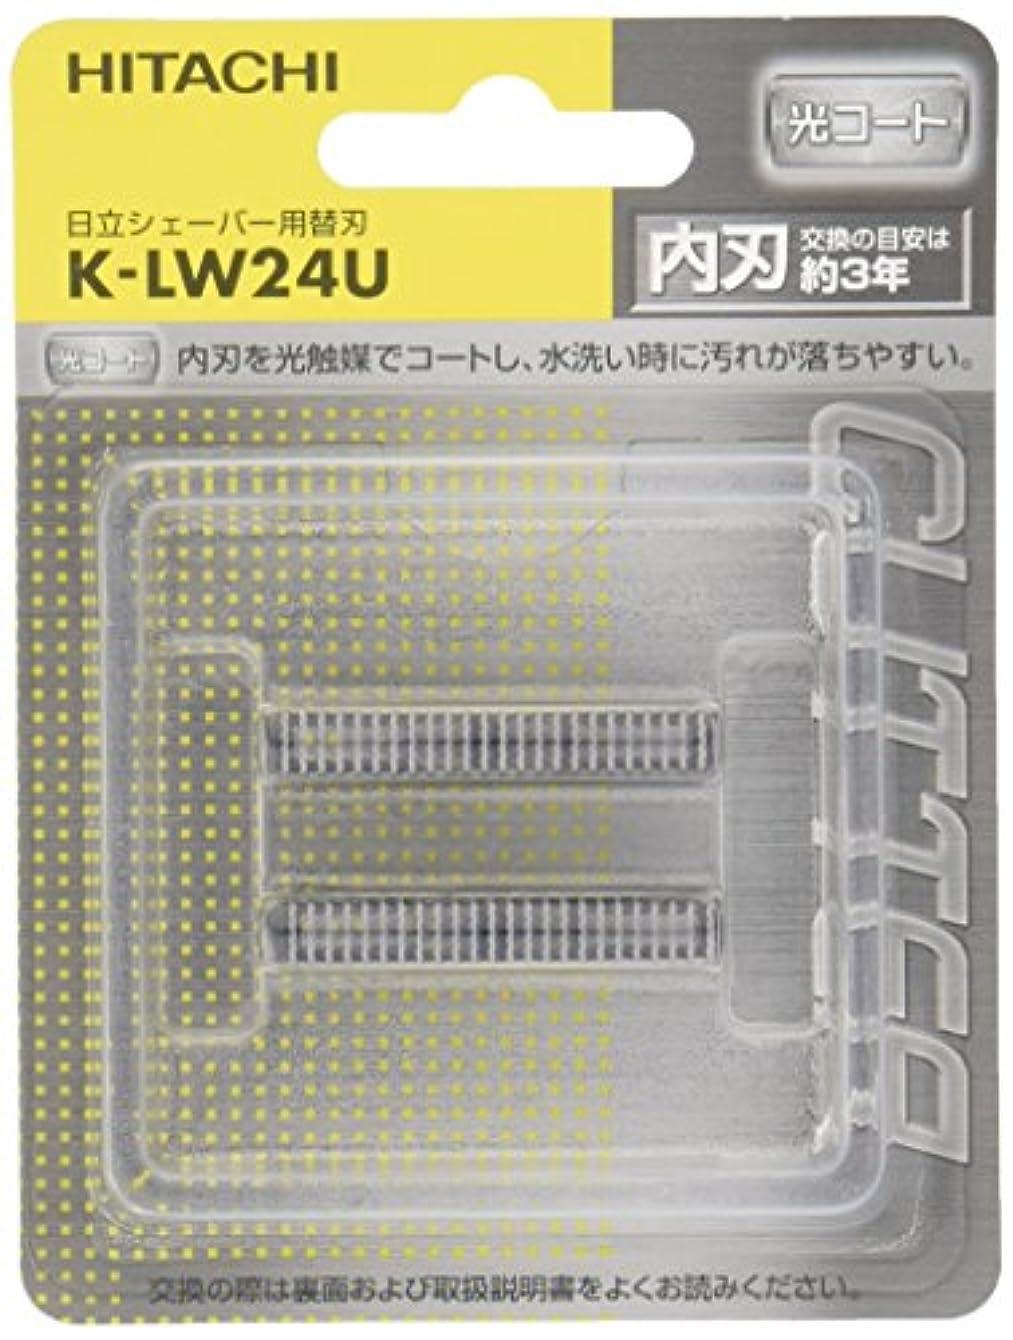 生き残りコーンウォール包囲日立 メンズシェーバー用替刃 K-LW24U